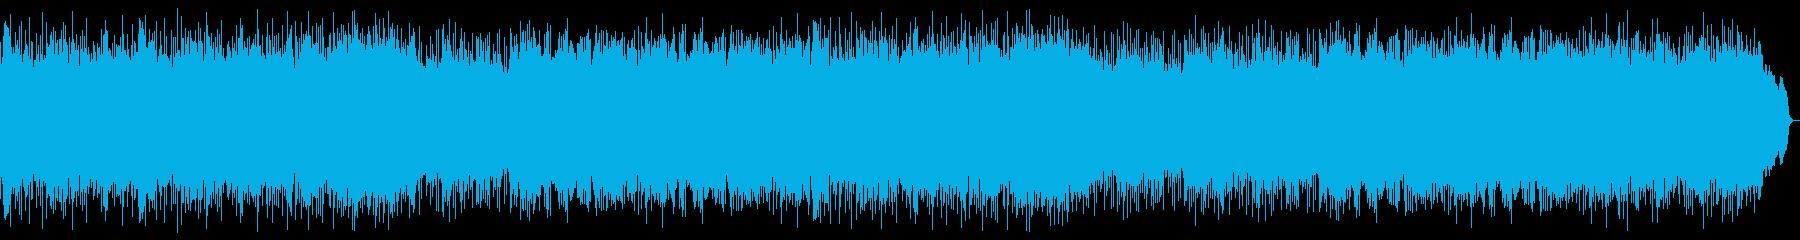 ダークなヘビーメタルのインスト ロング版の再生済みの波形